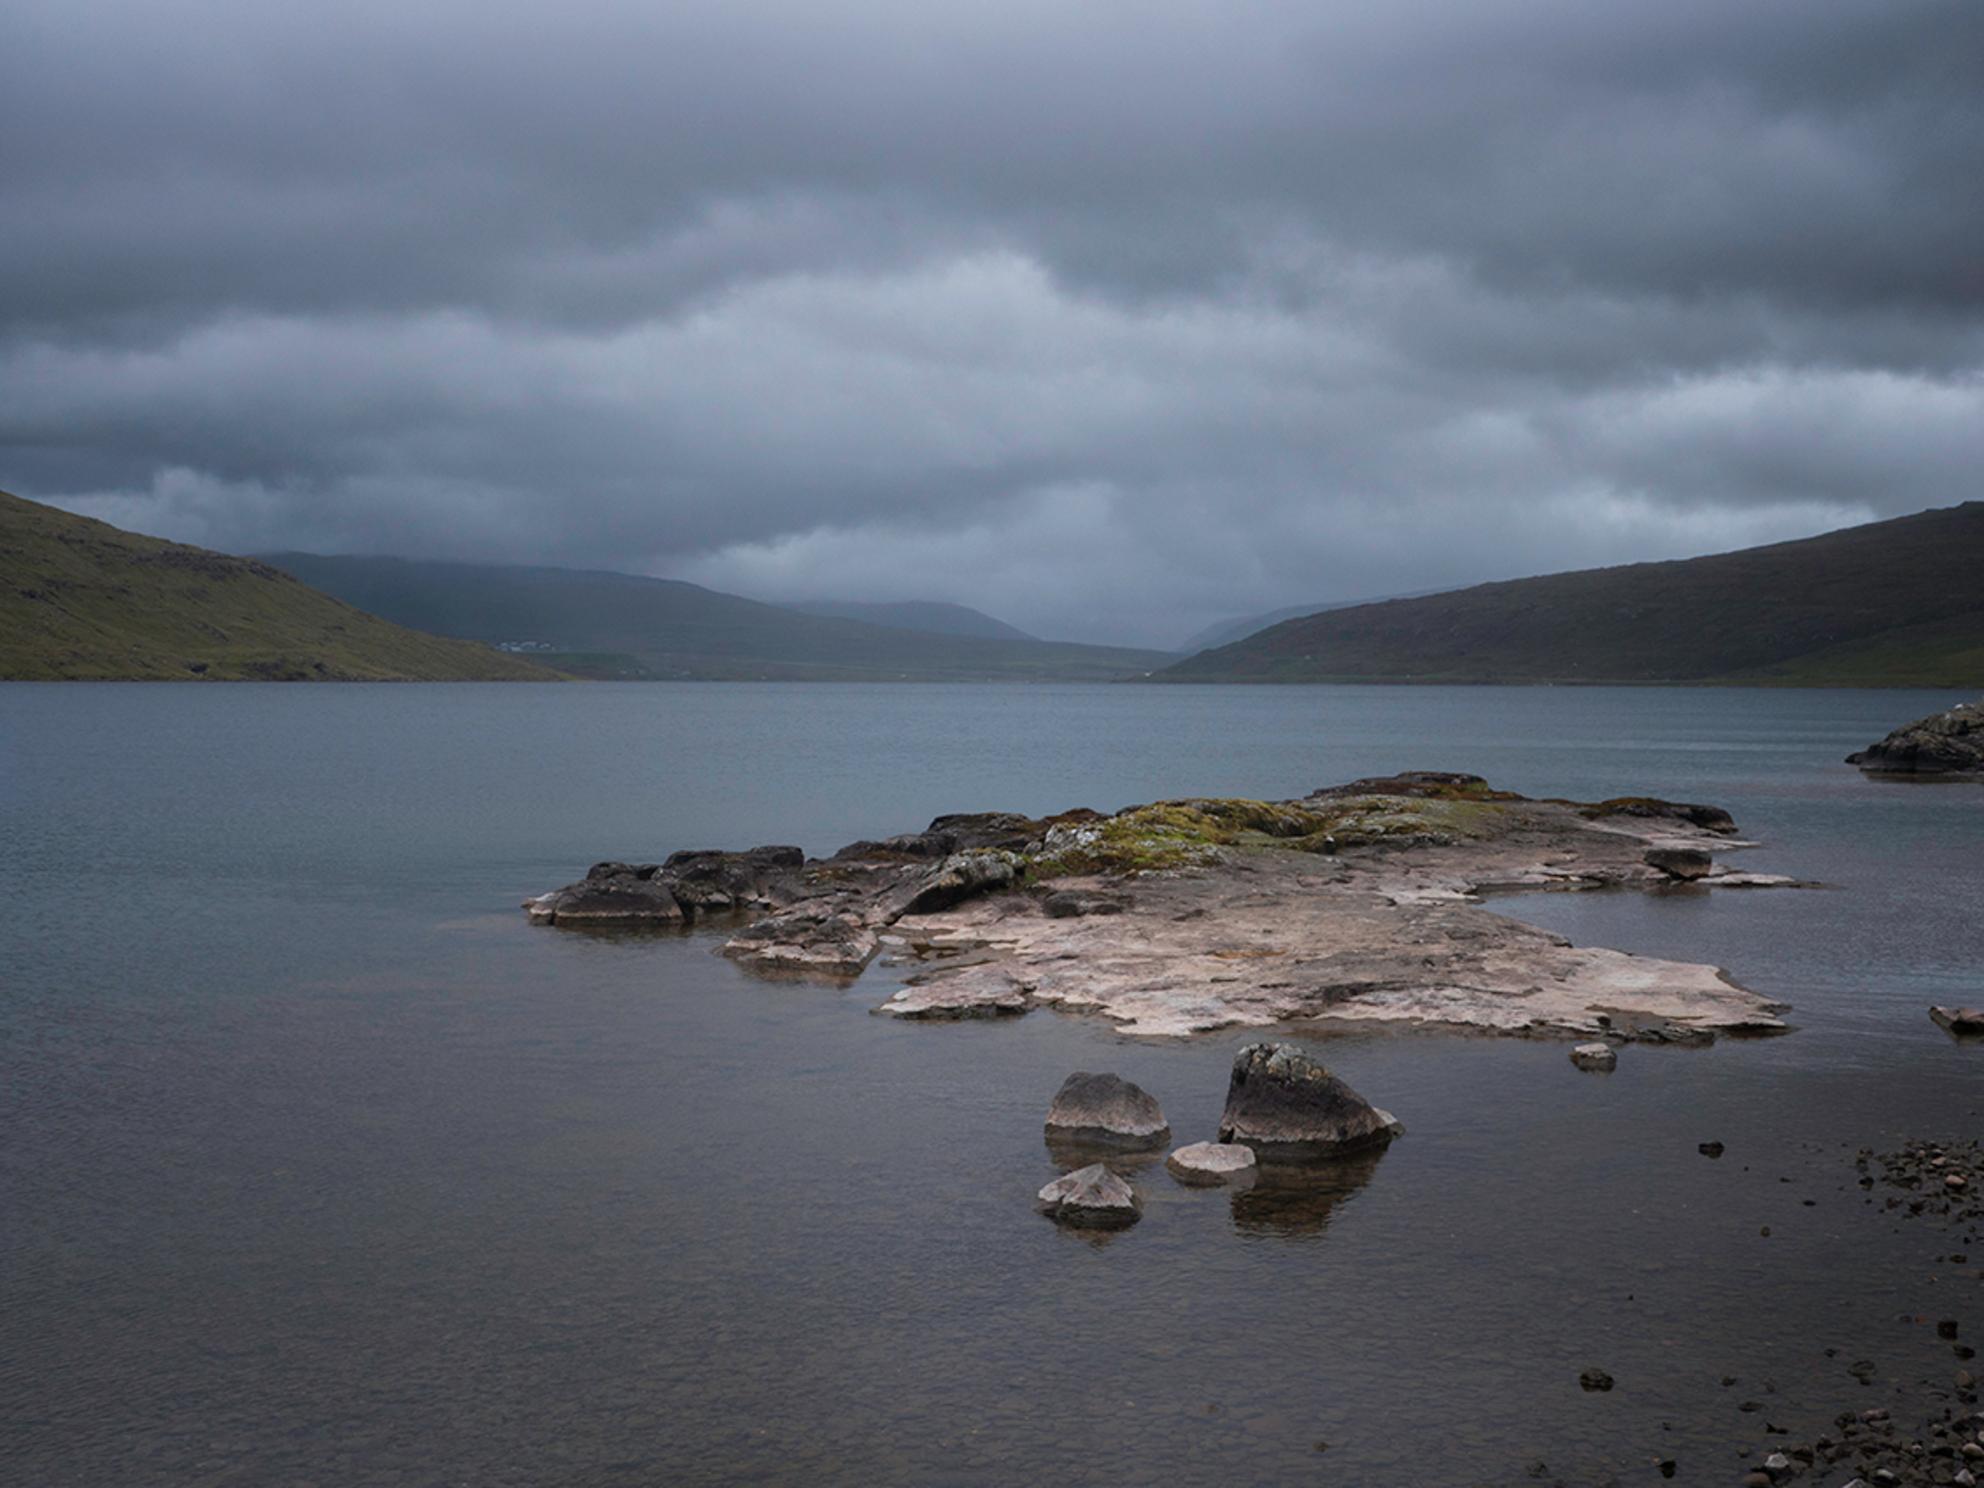 On my way to Bøsdalafossur - Langs het meer naar de waterval - foto door Lakesite op 13-09-2017 - deze foto bevat: lucht, wolken, kleur, zon, uitzicht, zee, water, natuur, zonsondergang, vakantie, reizen, landschap, zomer, bergen, wandelen, reisfotografie, europa - Deze foto mag gebruikt worden in een Zoom.nl publicatie